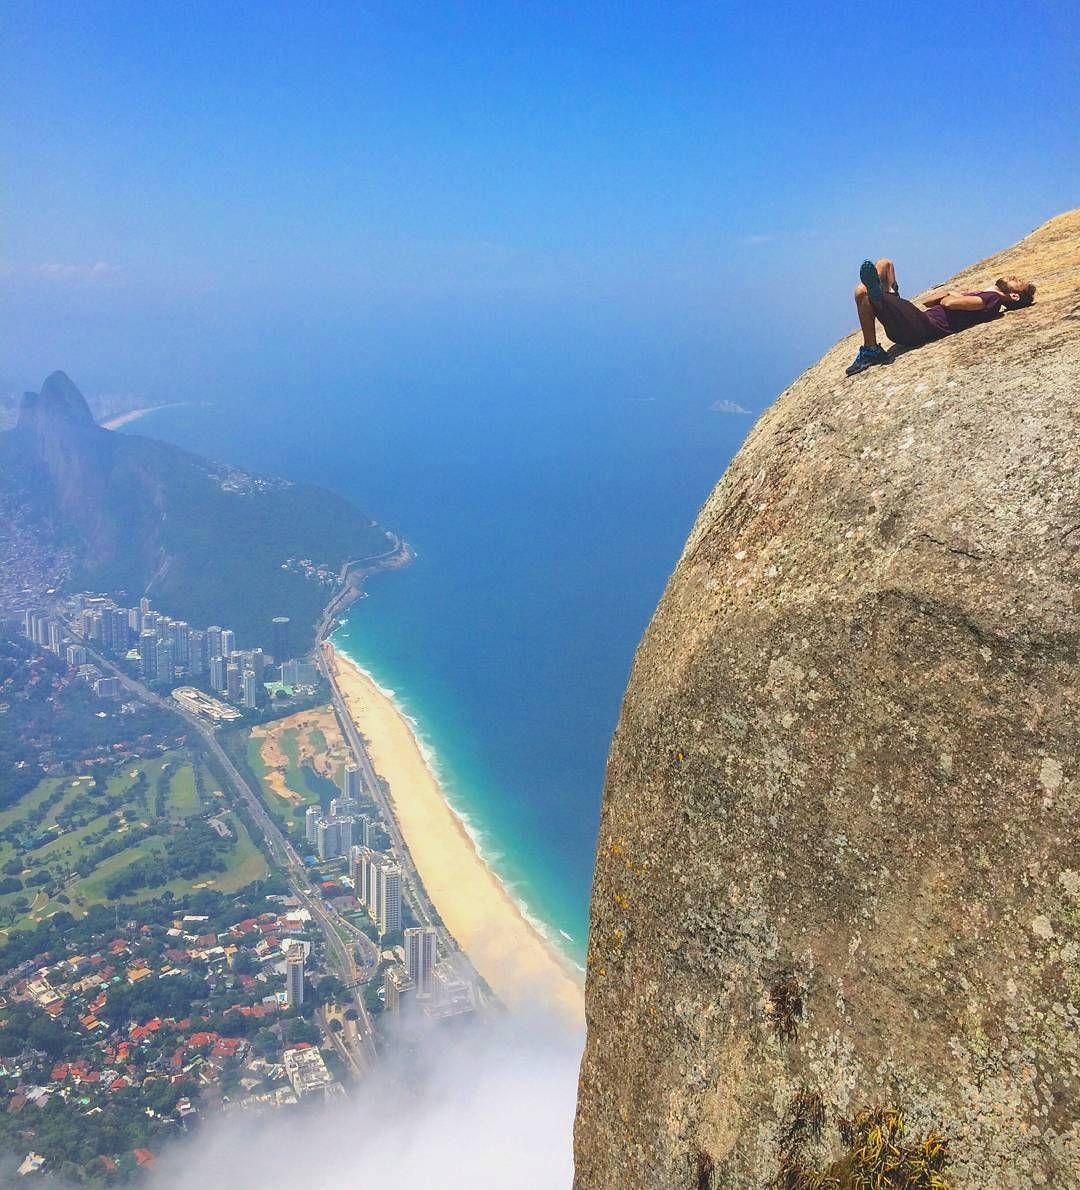 Pedra da Gávea, Rio de Janeiro, Brazil